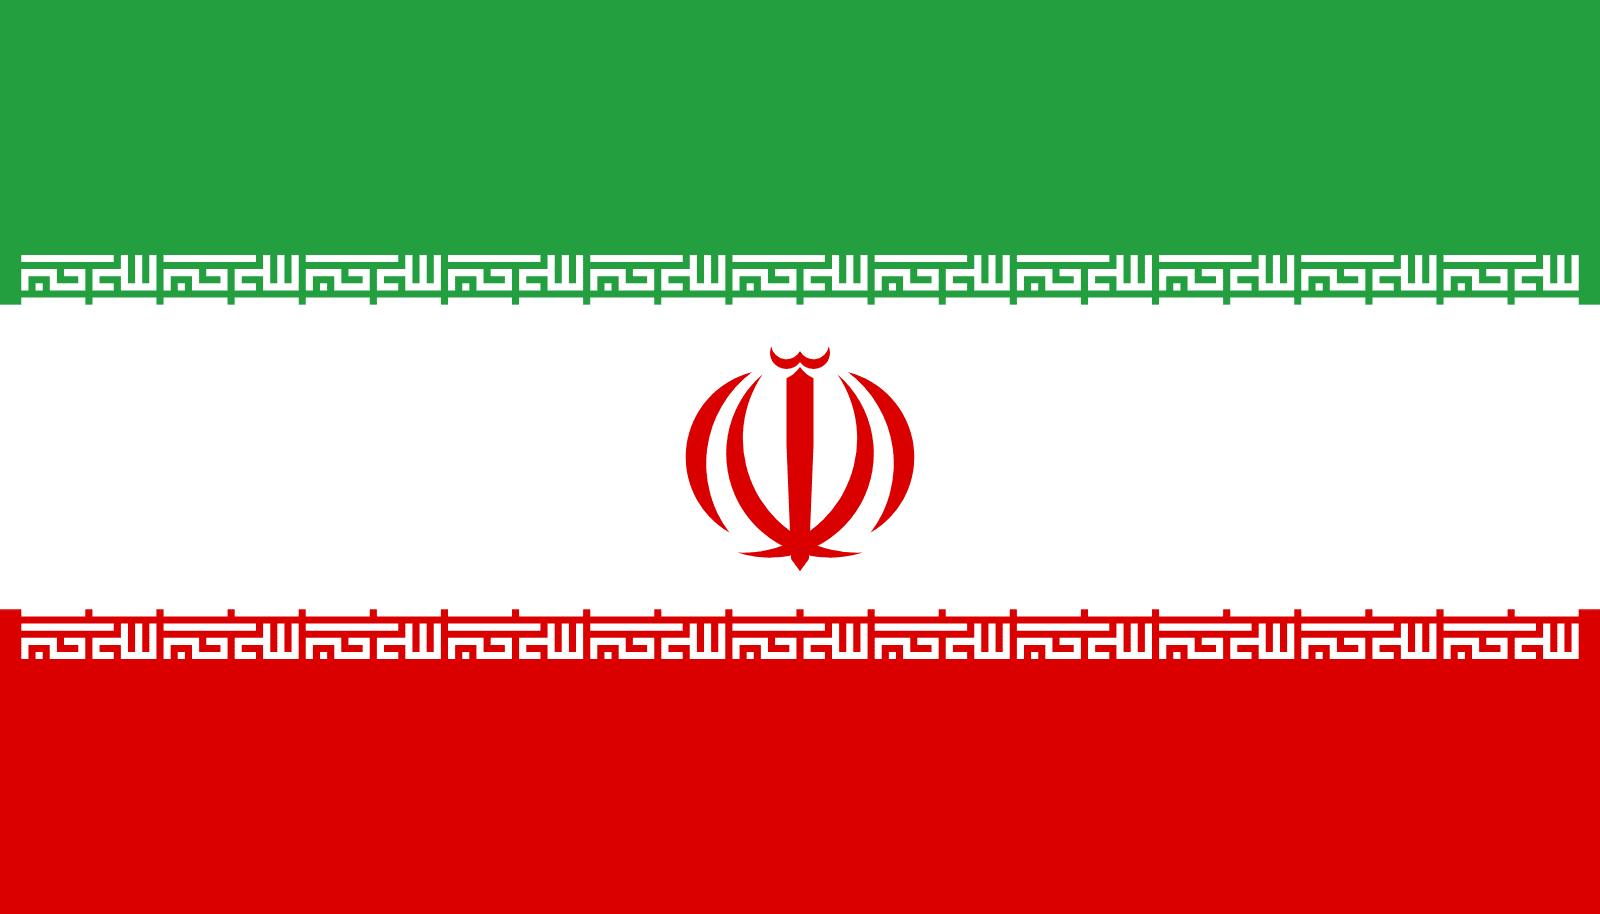 پرچم ایران - طرح ثابت --- پرچم پر افتخار جمهوری اسلامی ایران